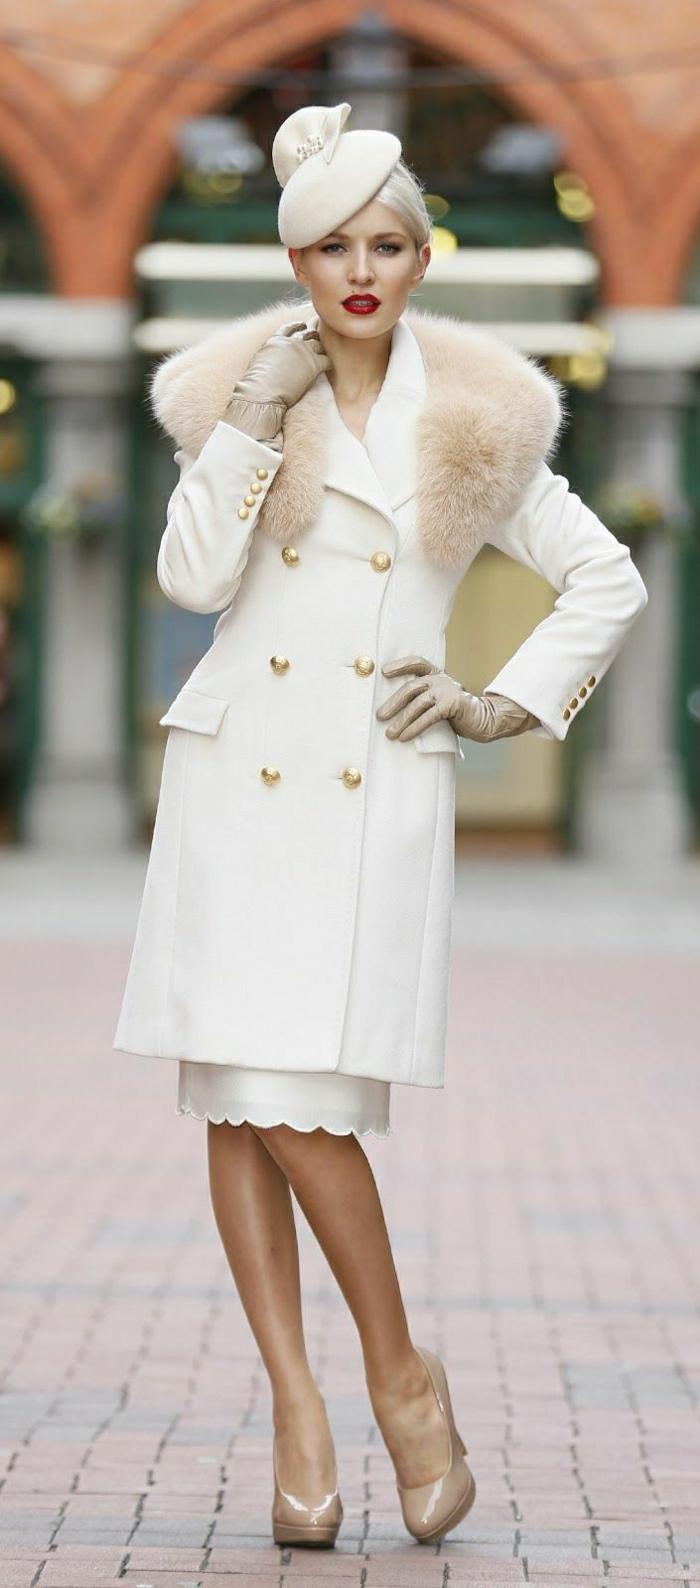 comment-etre-elegante-avec-le-manteau-d-hiver-blanc-pour-les-femmes-modernes